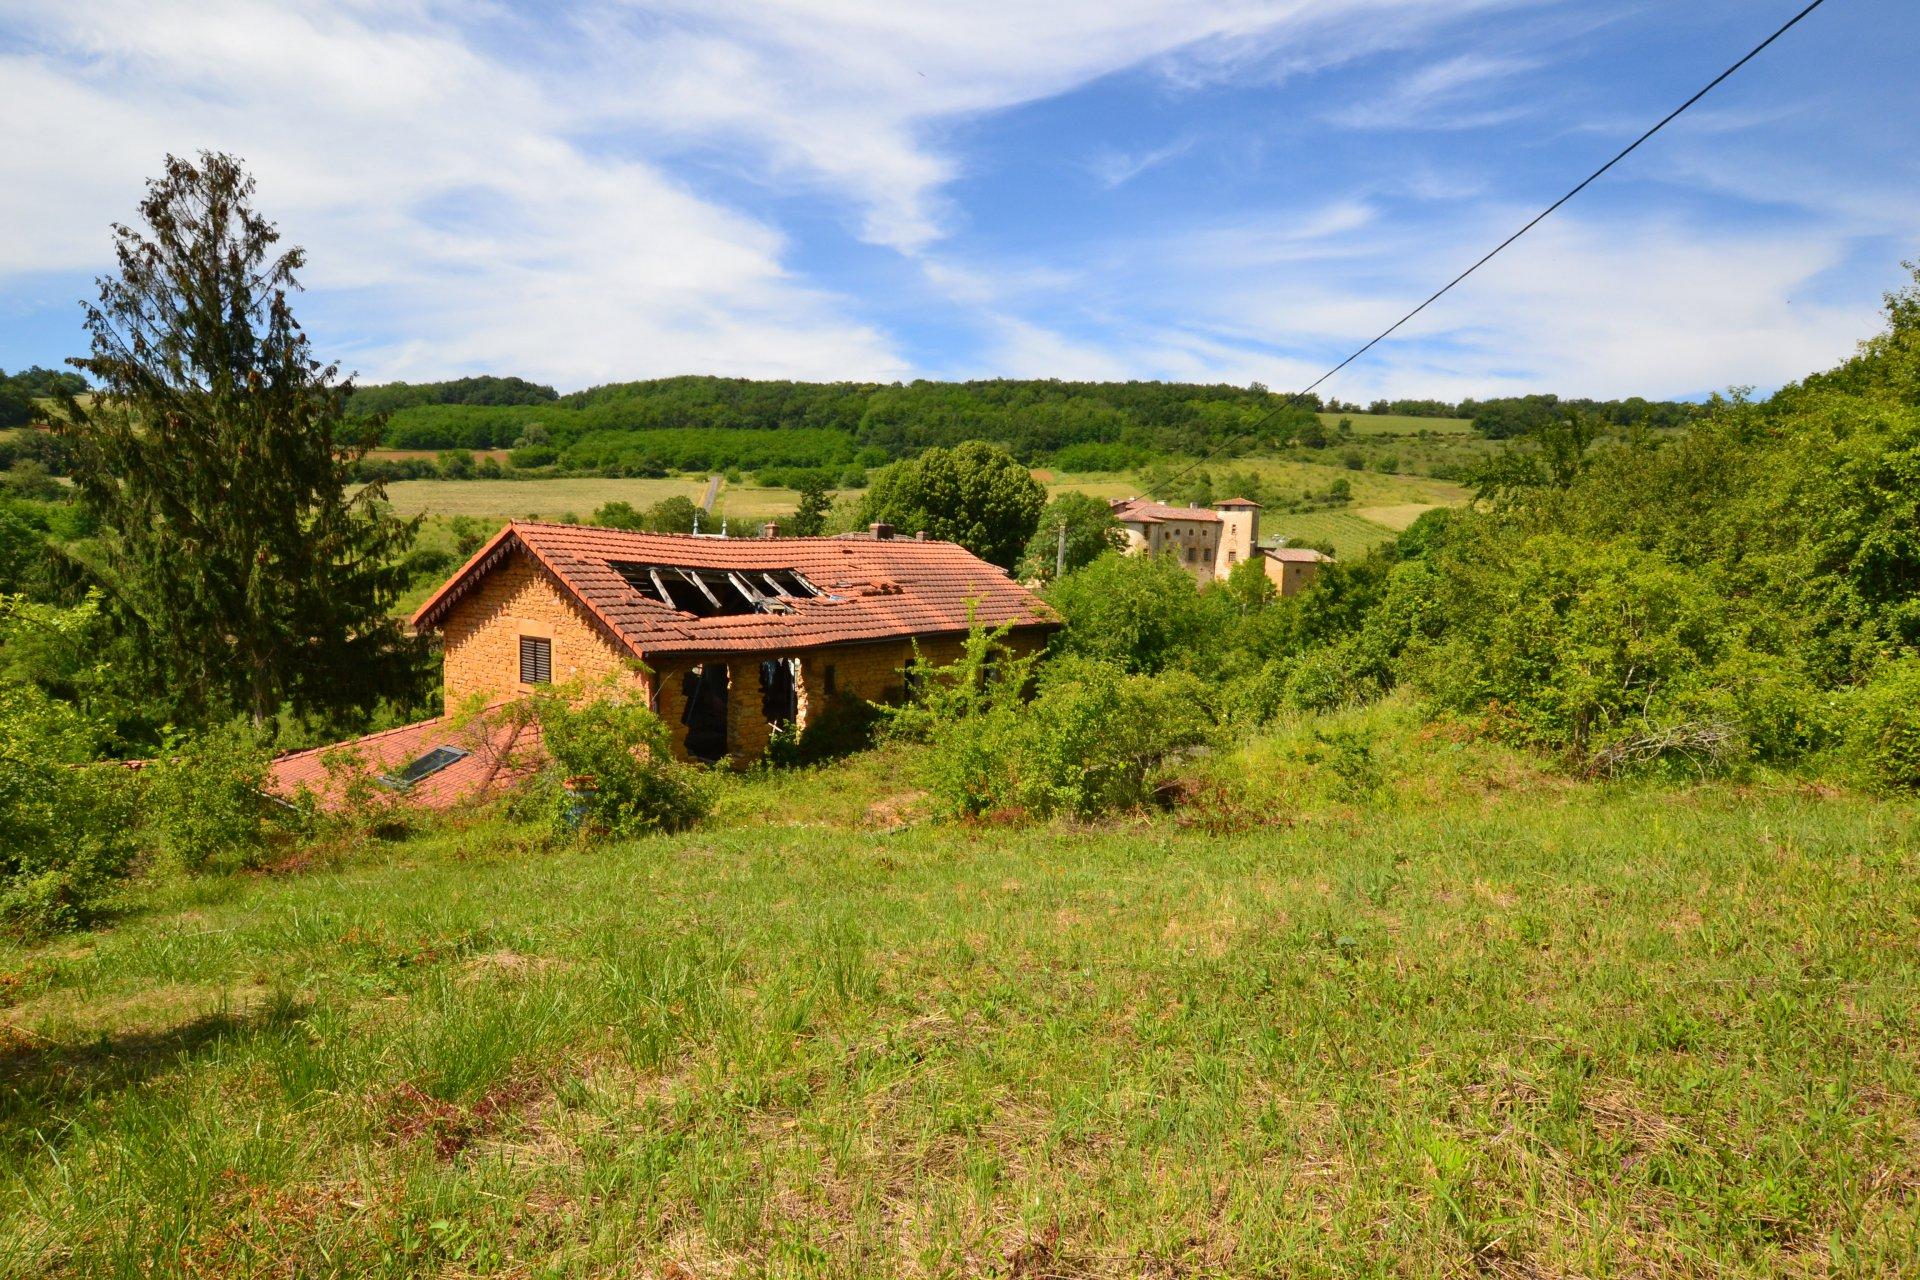 EXCLUSIVITE - Maison en pierres dorées à rénover